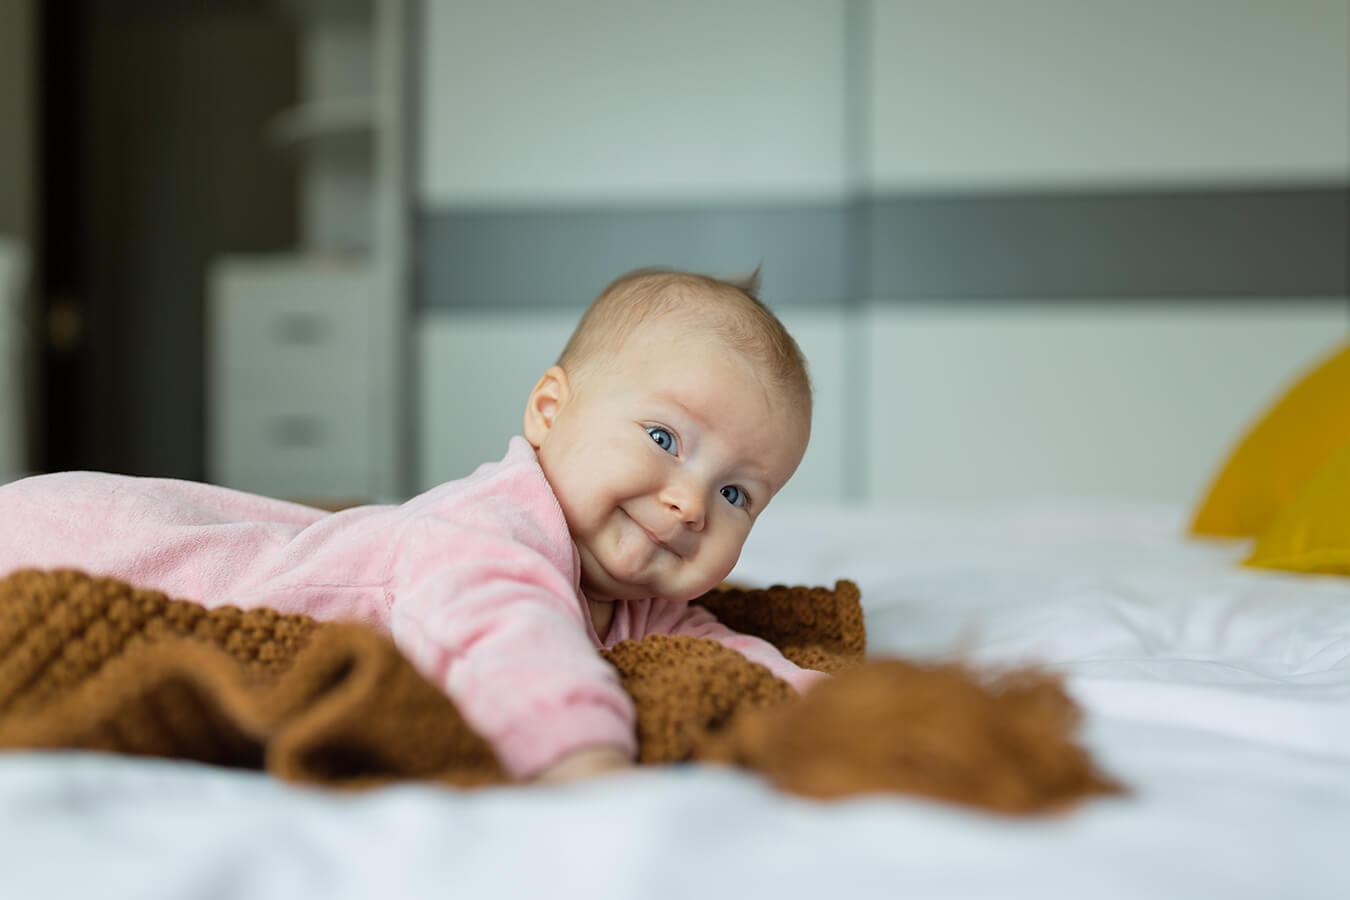 11 tygodniowe niemowlę – Jak wygląda 11 tydzień życia dziecka?